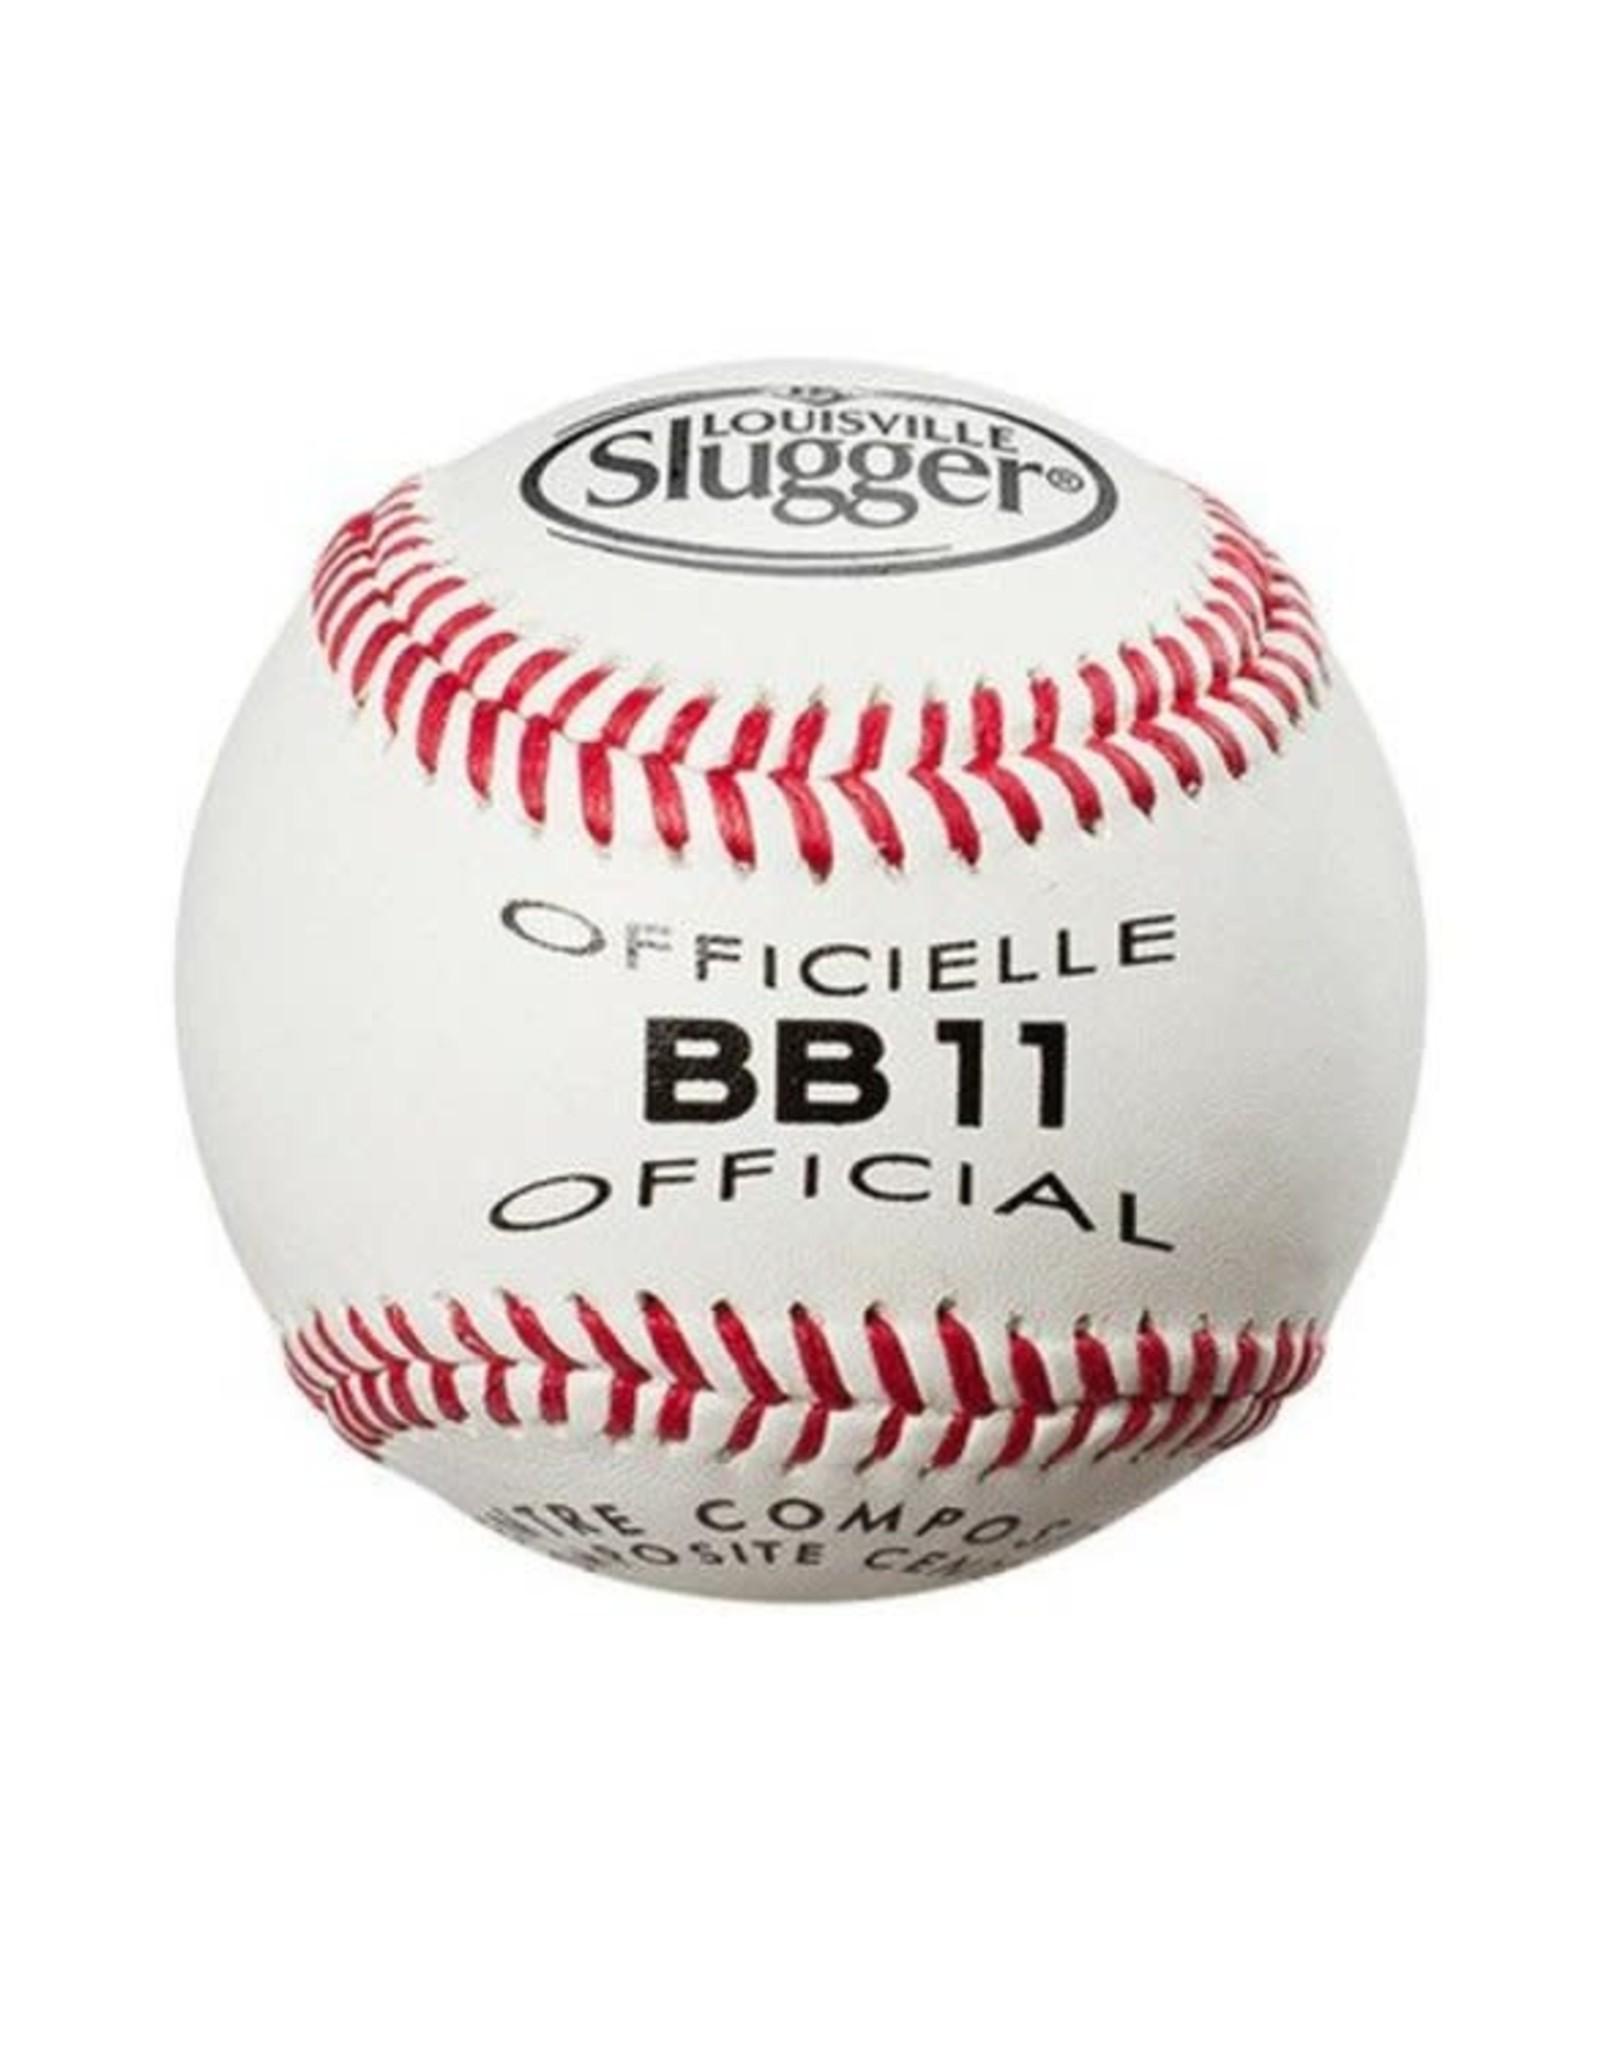 Louisville Slugger LSBB11 OFFICIAL BSABALLS TPX